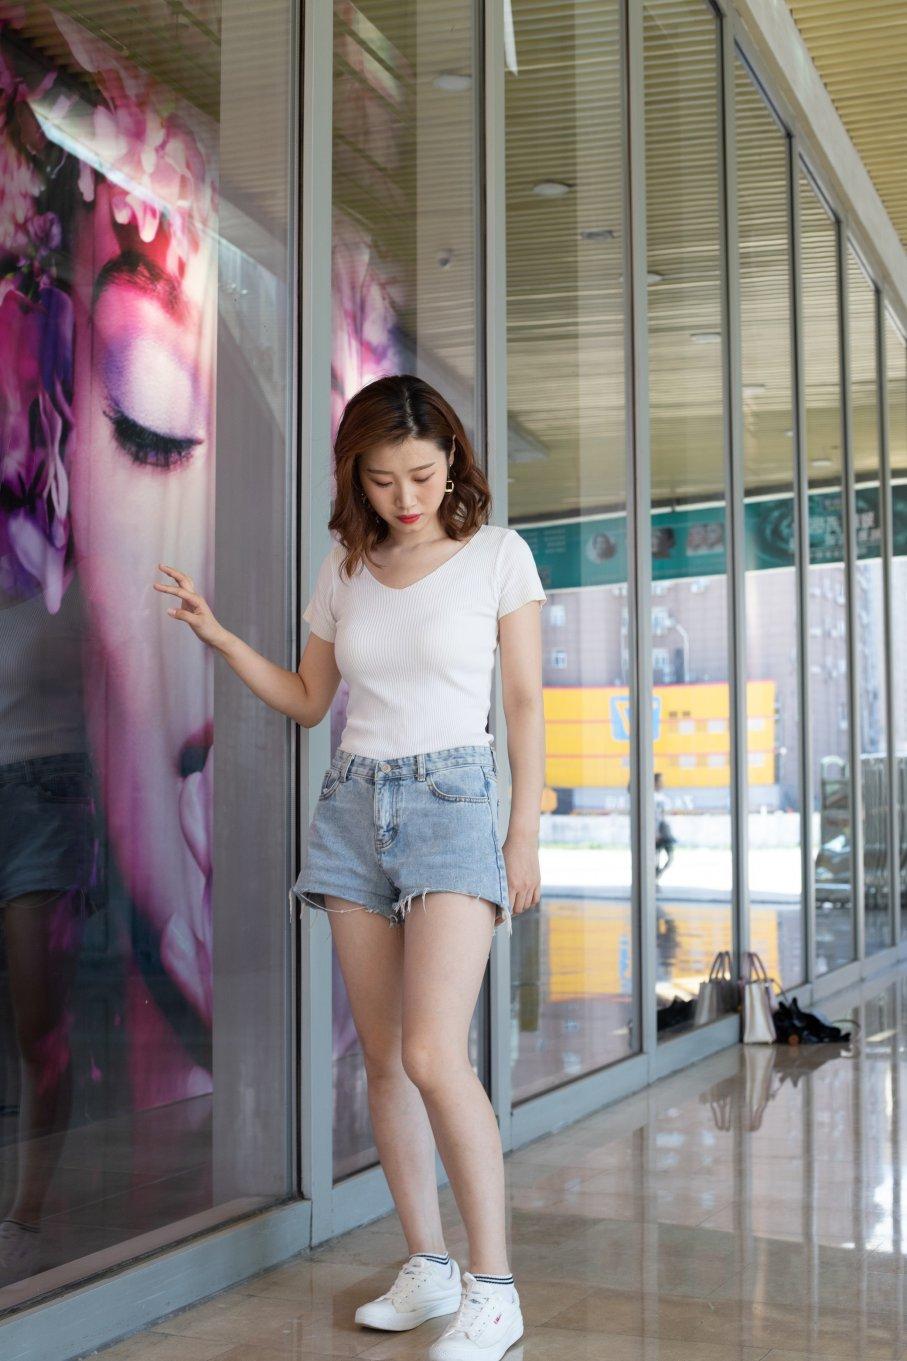 041期:乐乐-时尚小姐姐的私人穿搭(帆布鞋、棉袜、裸足)